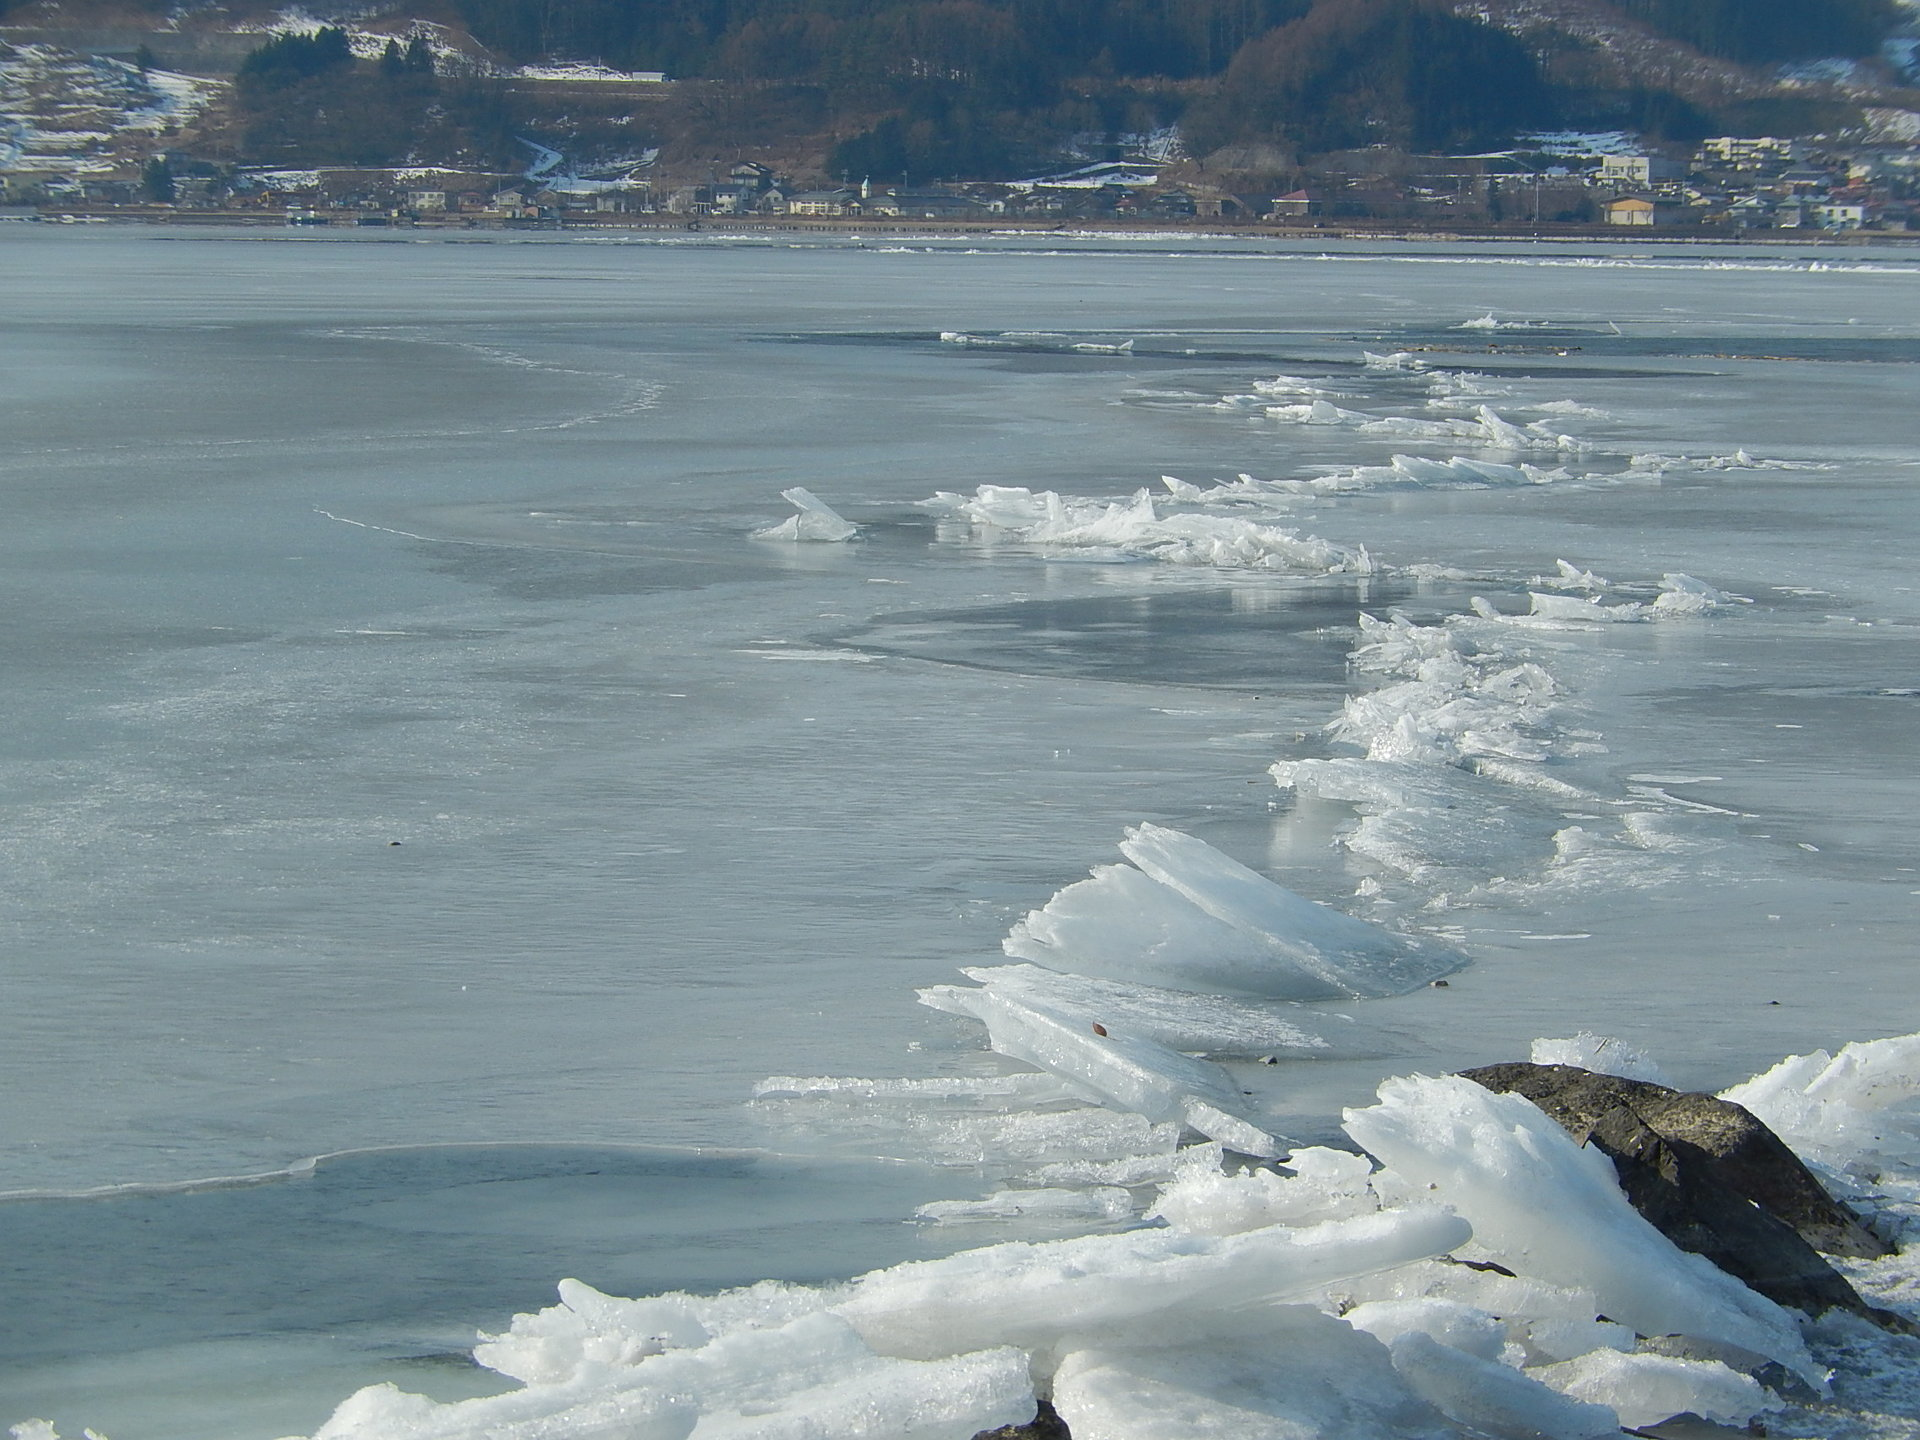 1105] 長野県の諏訪湖で、『御神渡り現象(おみわたりげんしょう ...